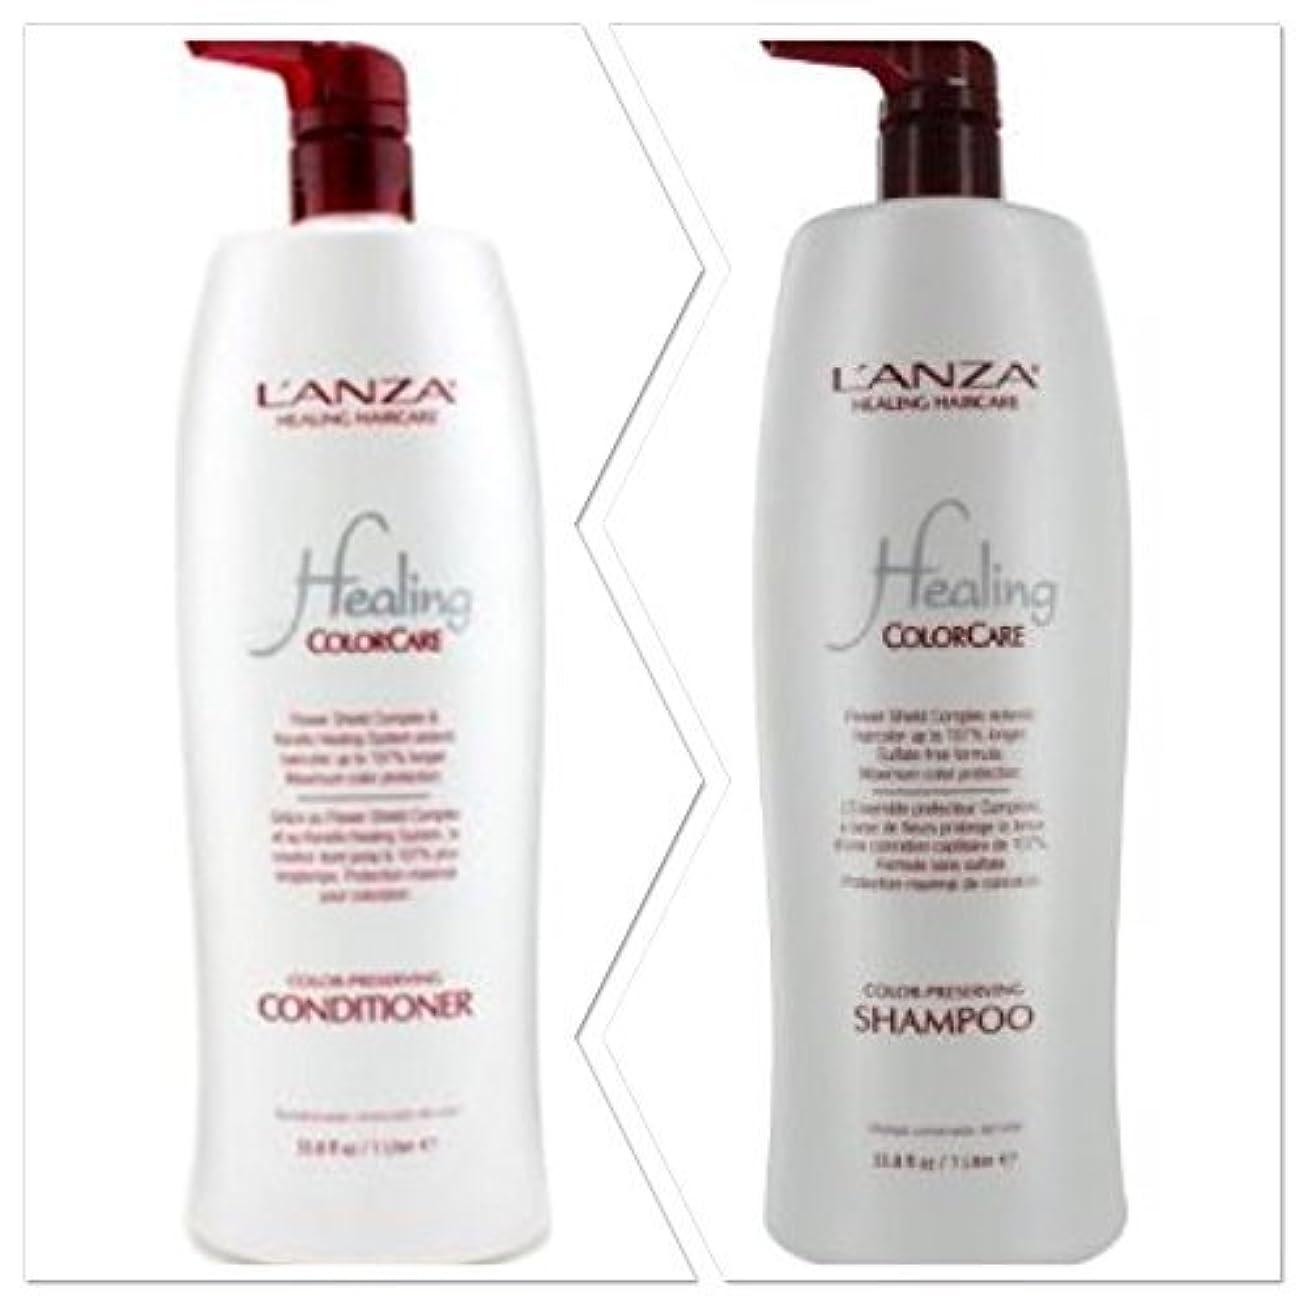 組み合わせ学部病弱L'anza Healing Colorcare Color-preserving Shampoo + Conditioner Dou (33.8 oz (1Liter)) by L'anza